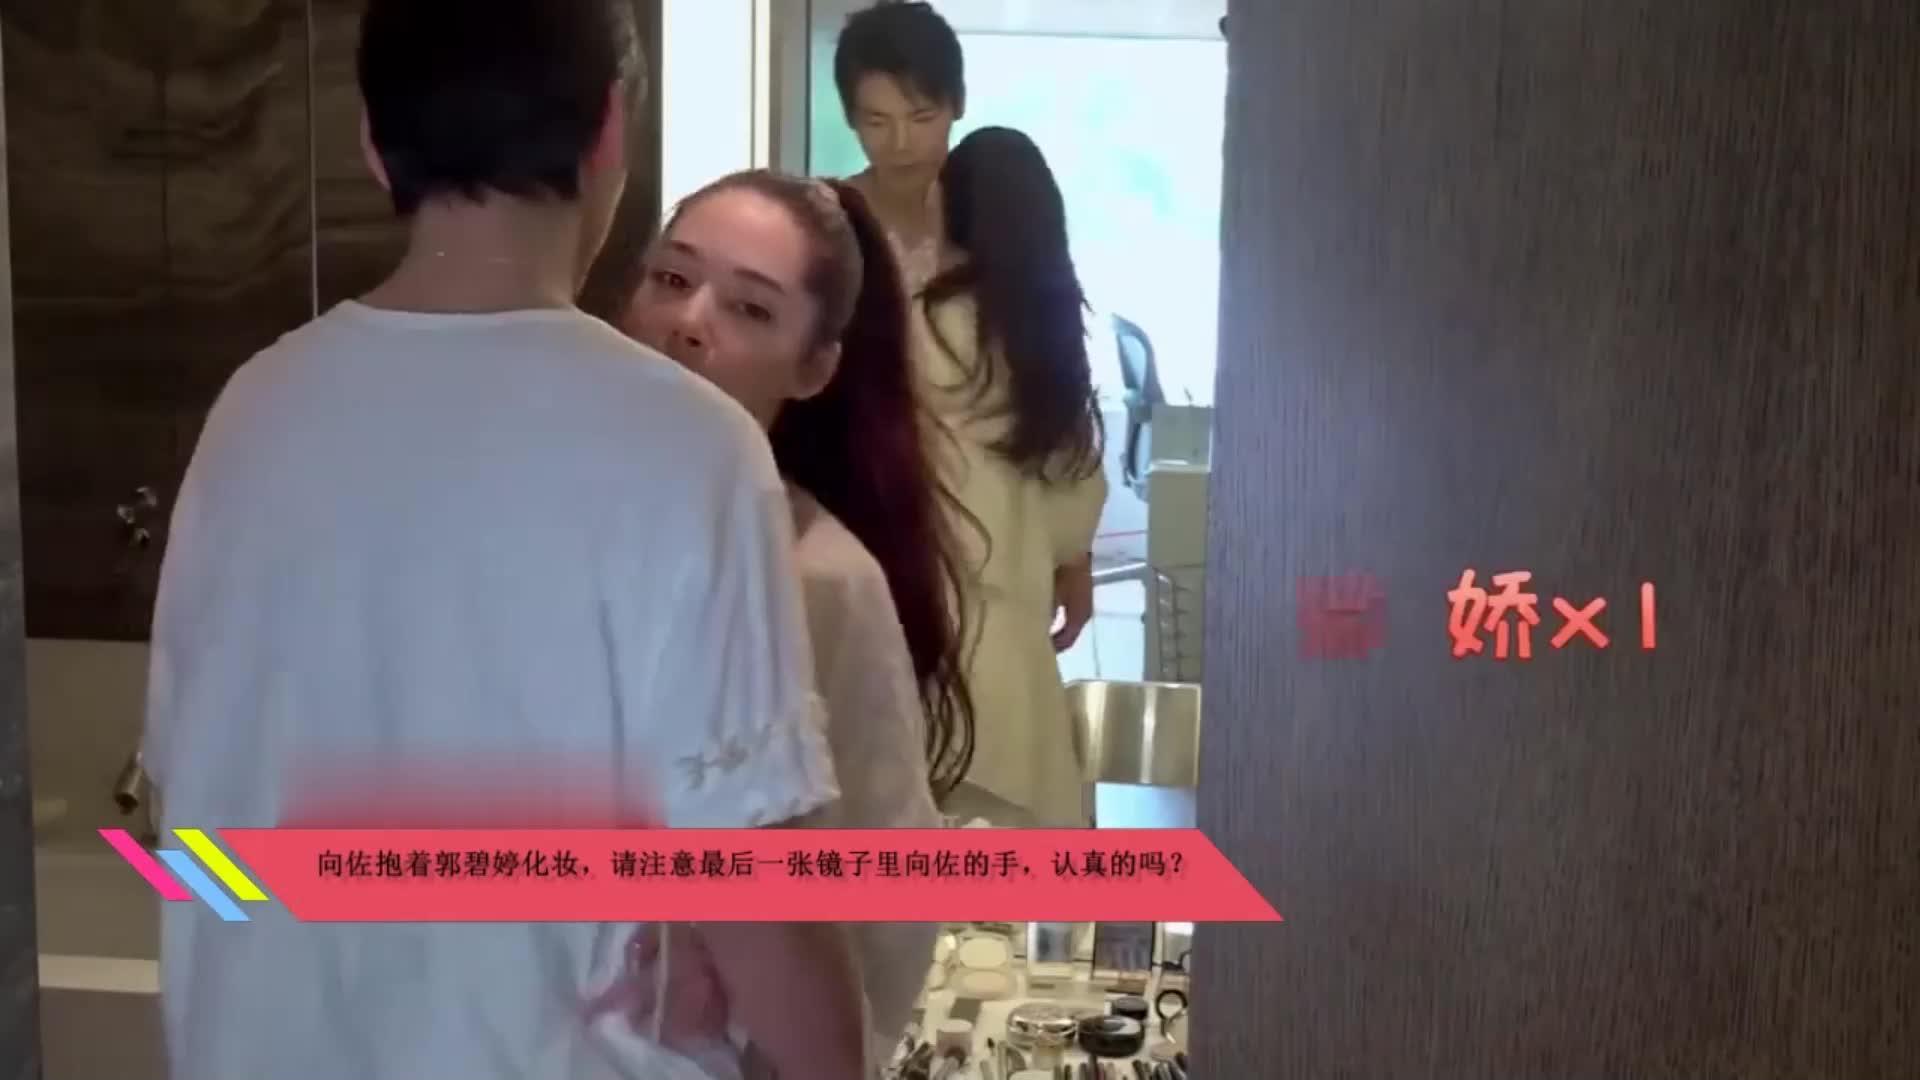 向佐抱着郭碧婷化妆请注意最后一张镜子里向佐的手认真的吗